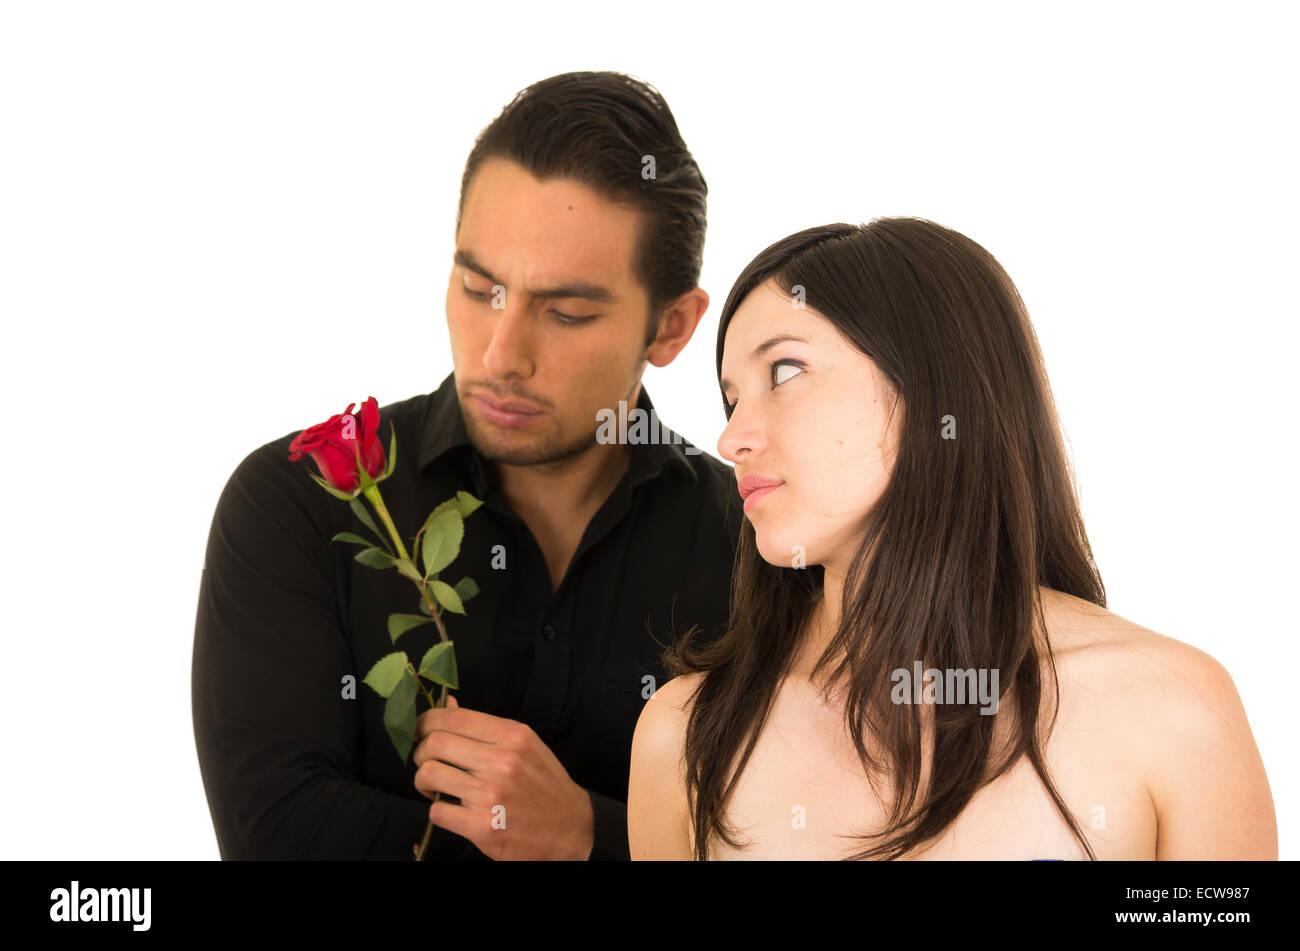 dating heartbroken man acen hookup